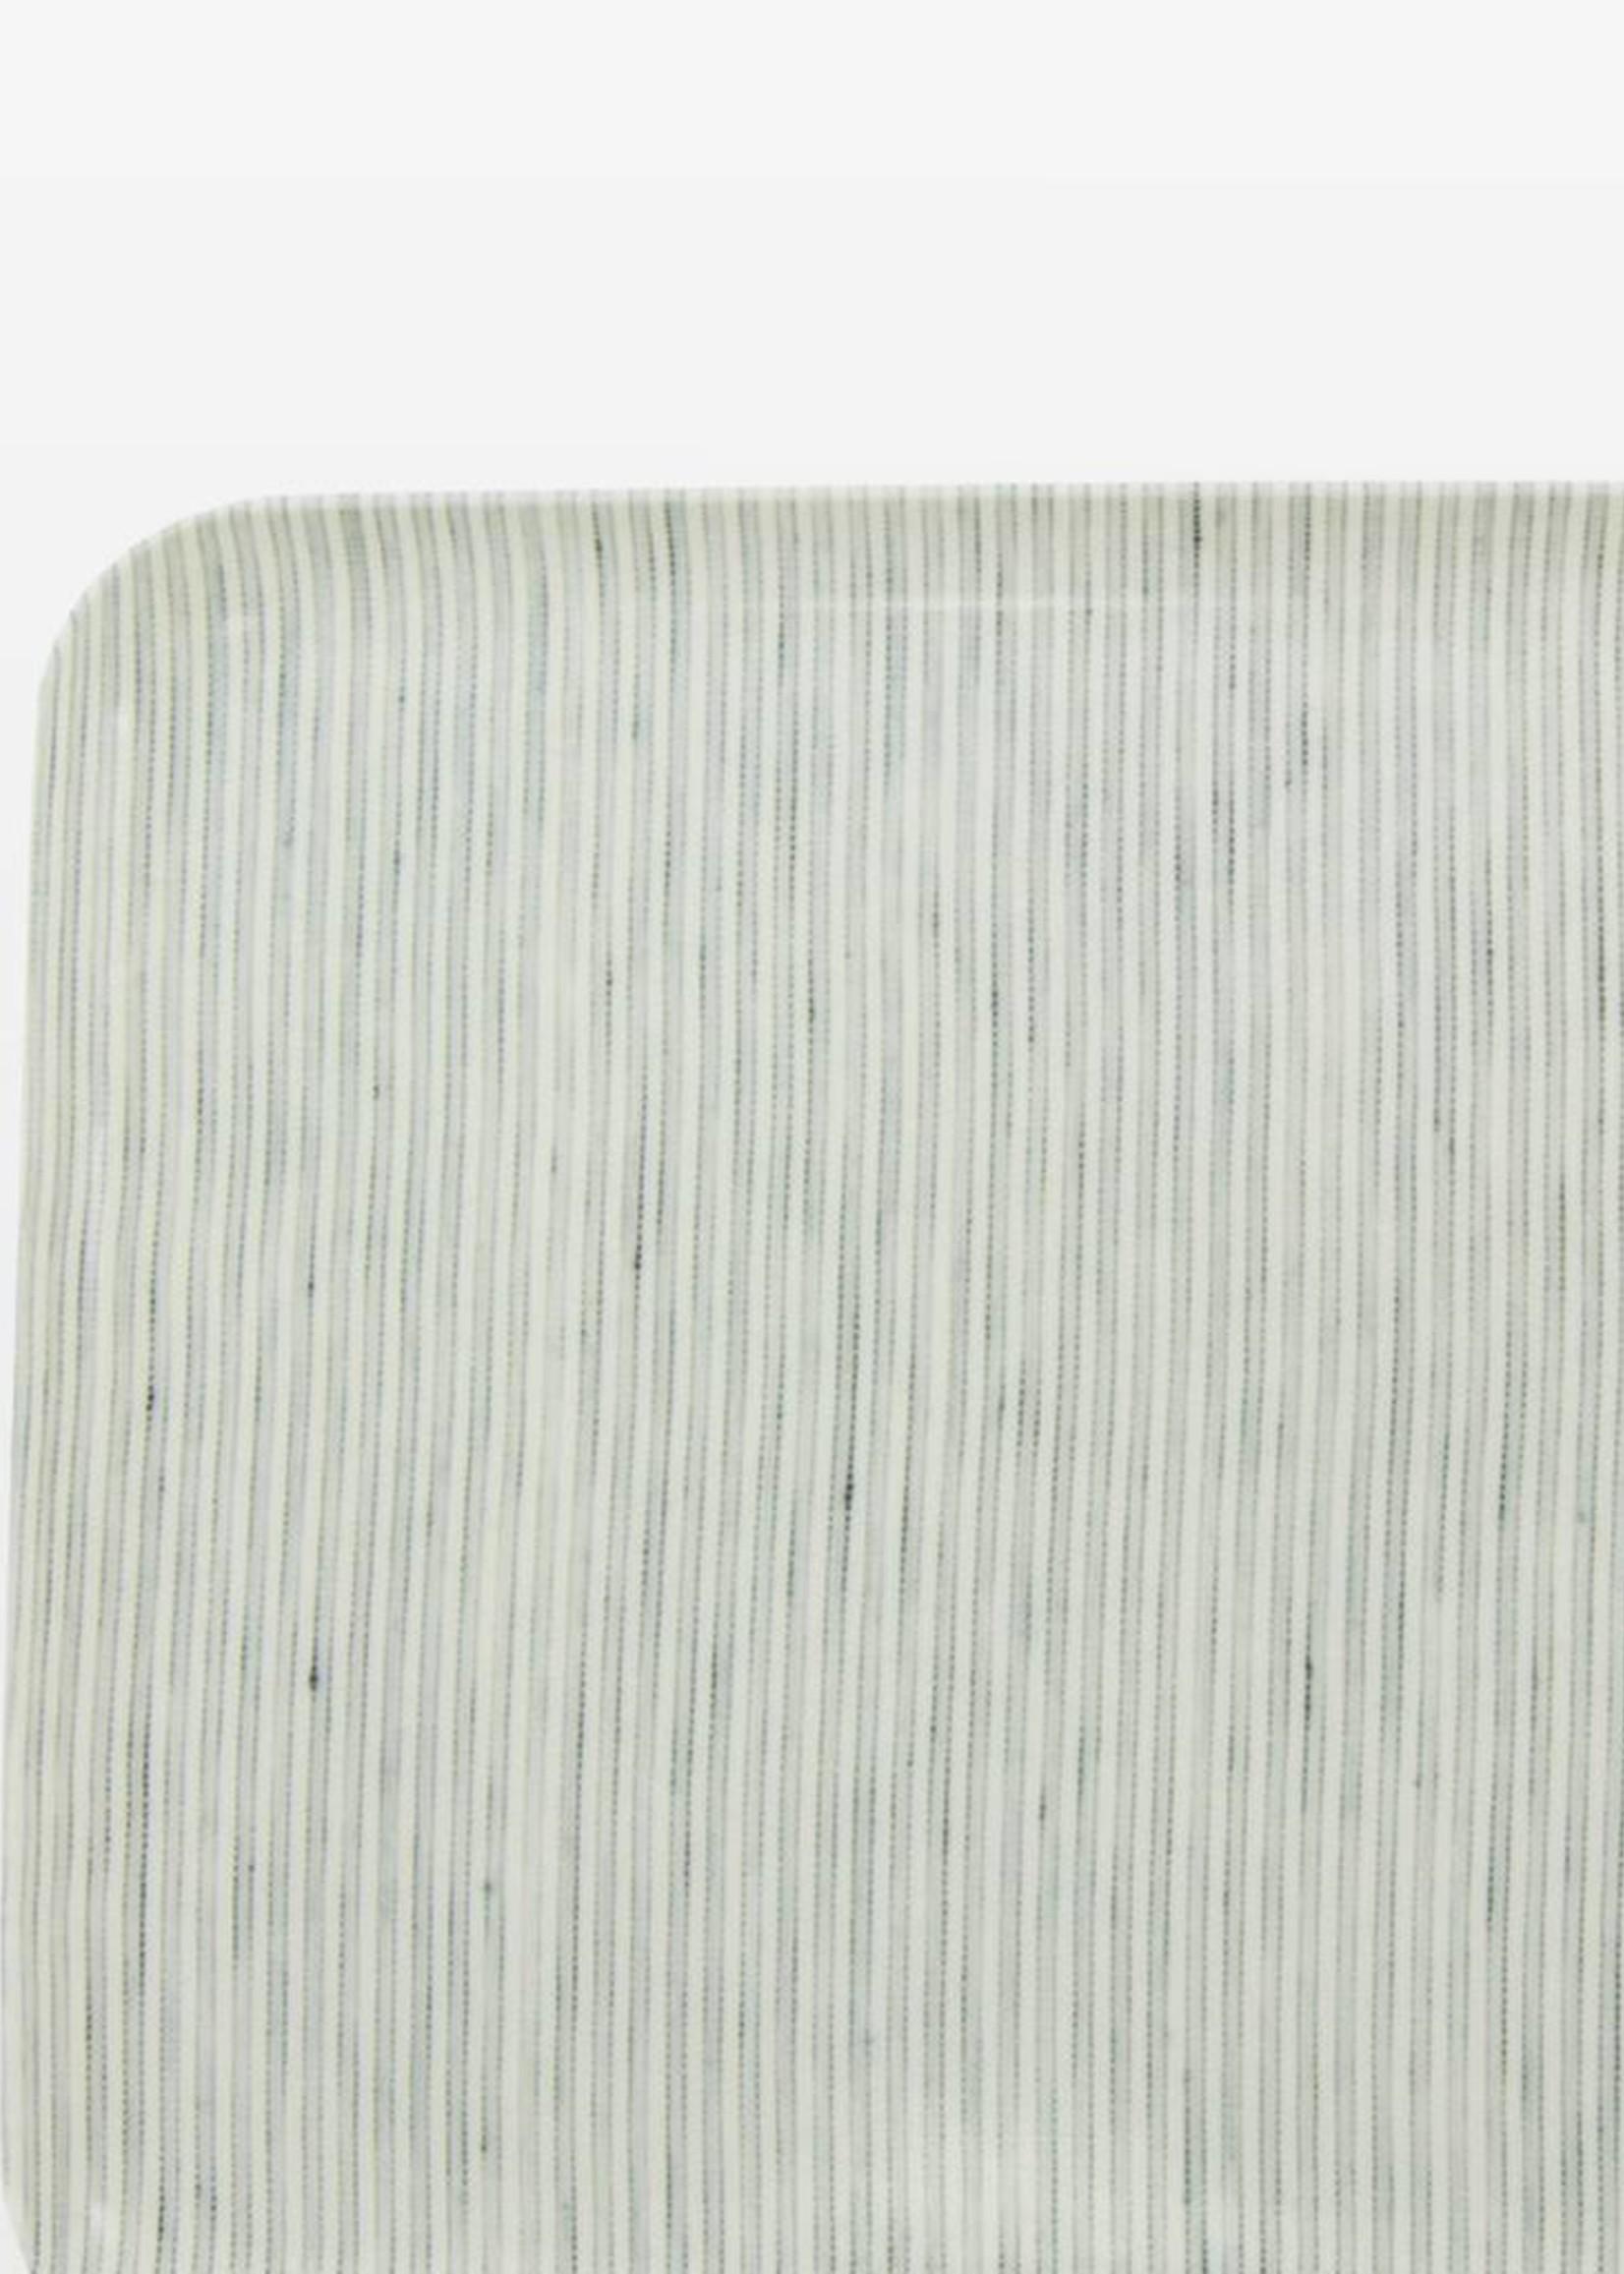 Dienblad - Medium